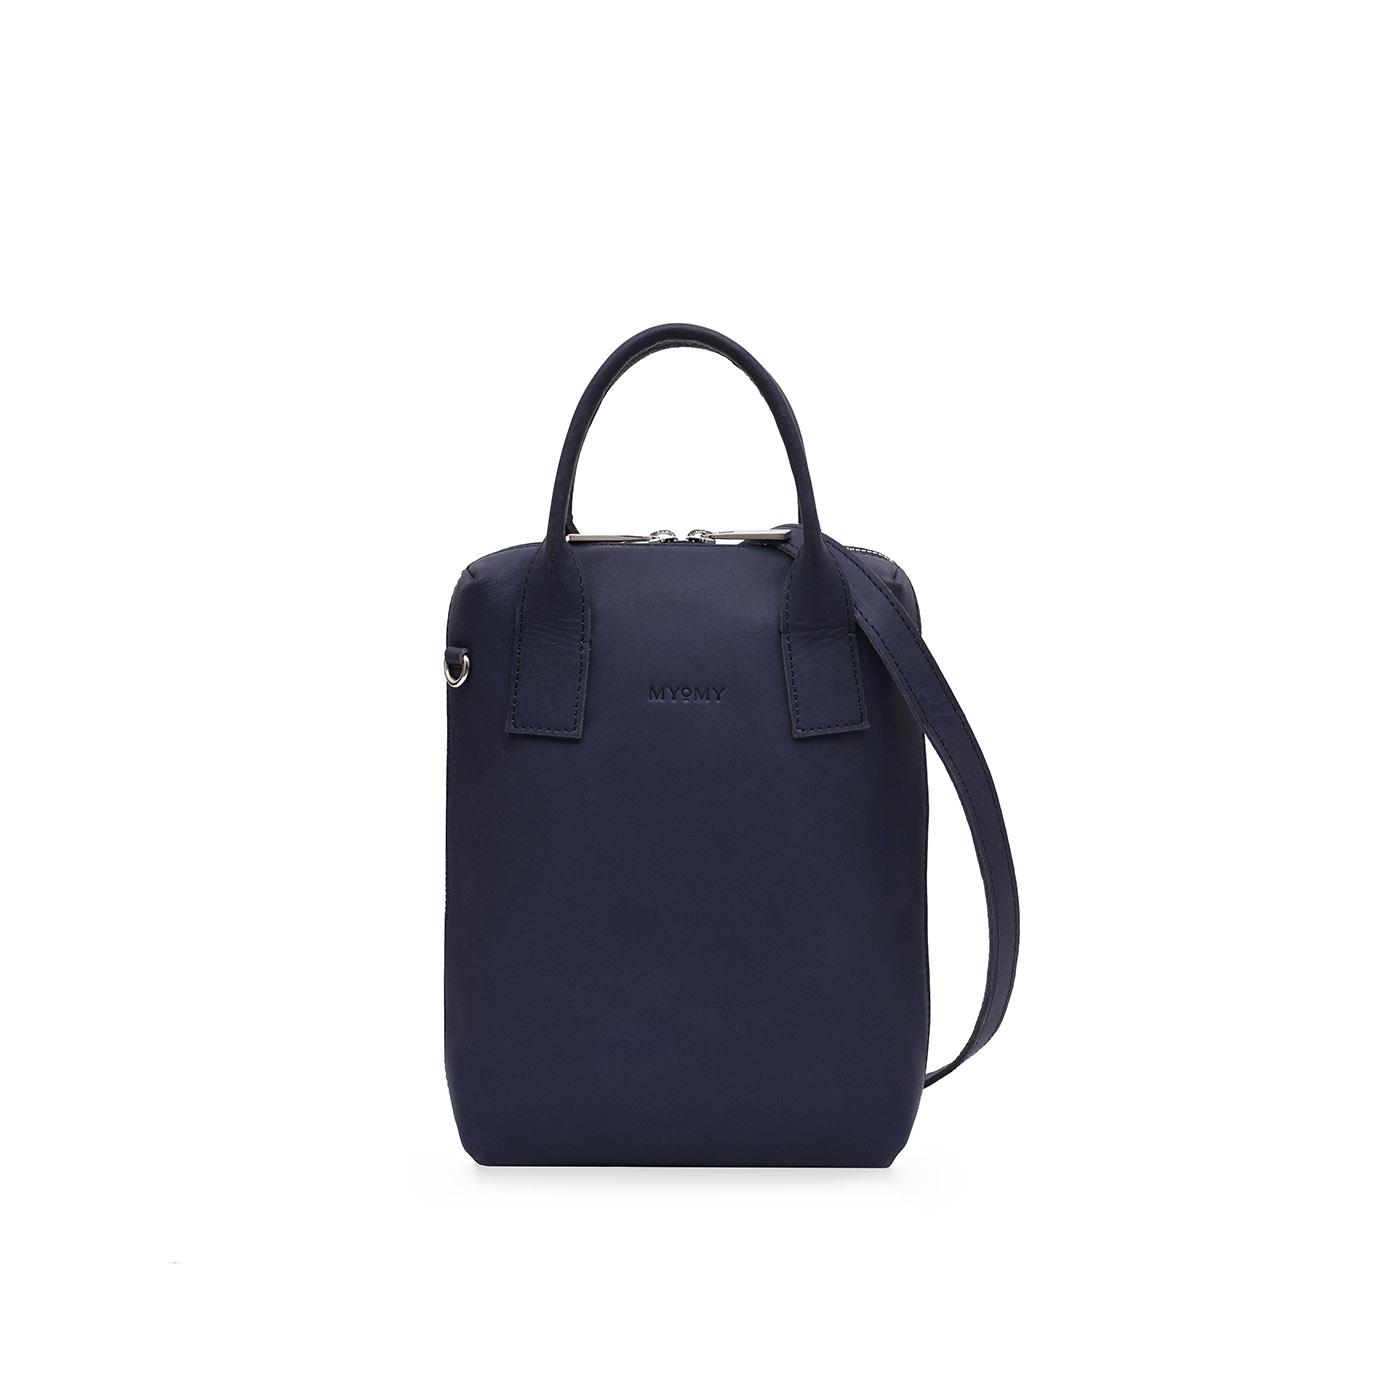 De my boxy bag medium is gemaakt van duurzaam eco leer en is fairtrade geproduceerd. dit model heeft een ...